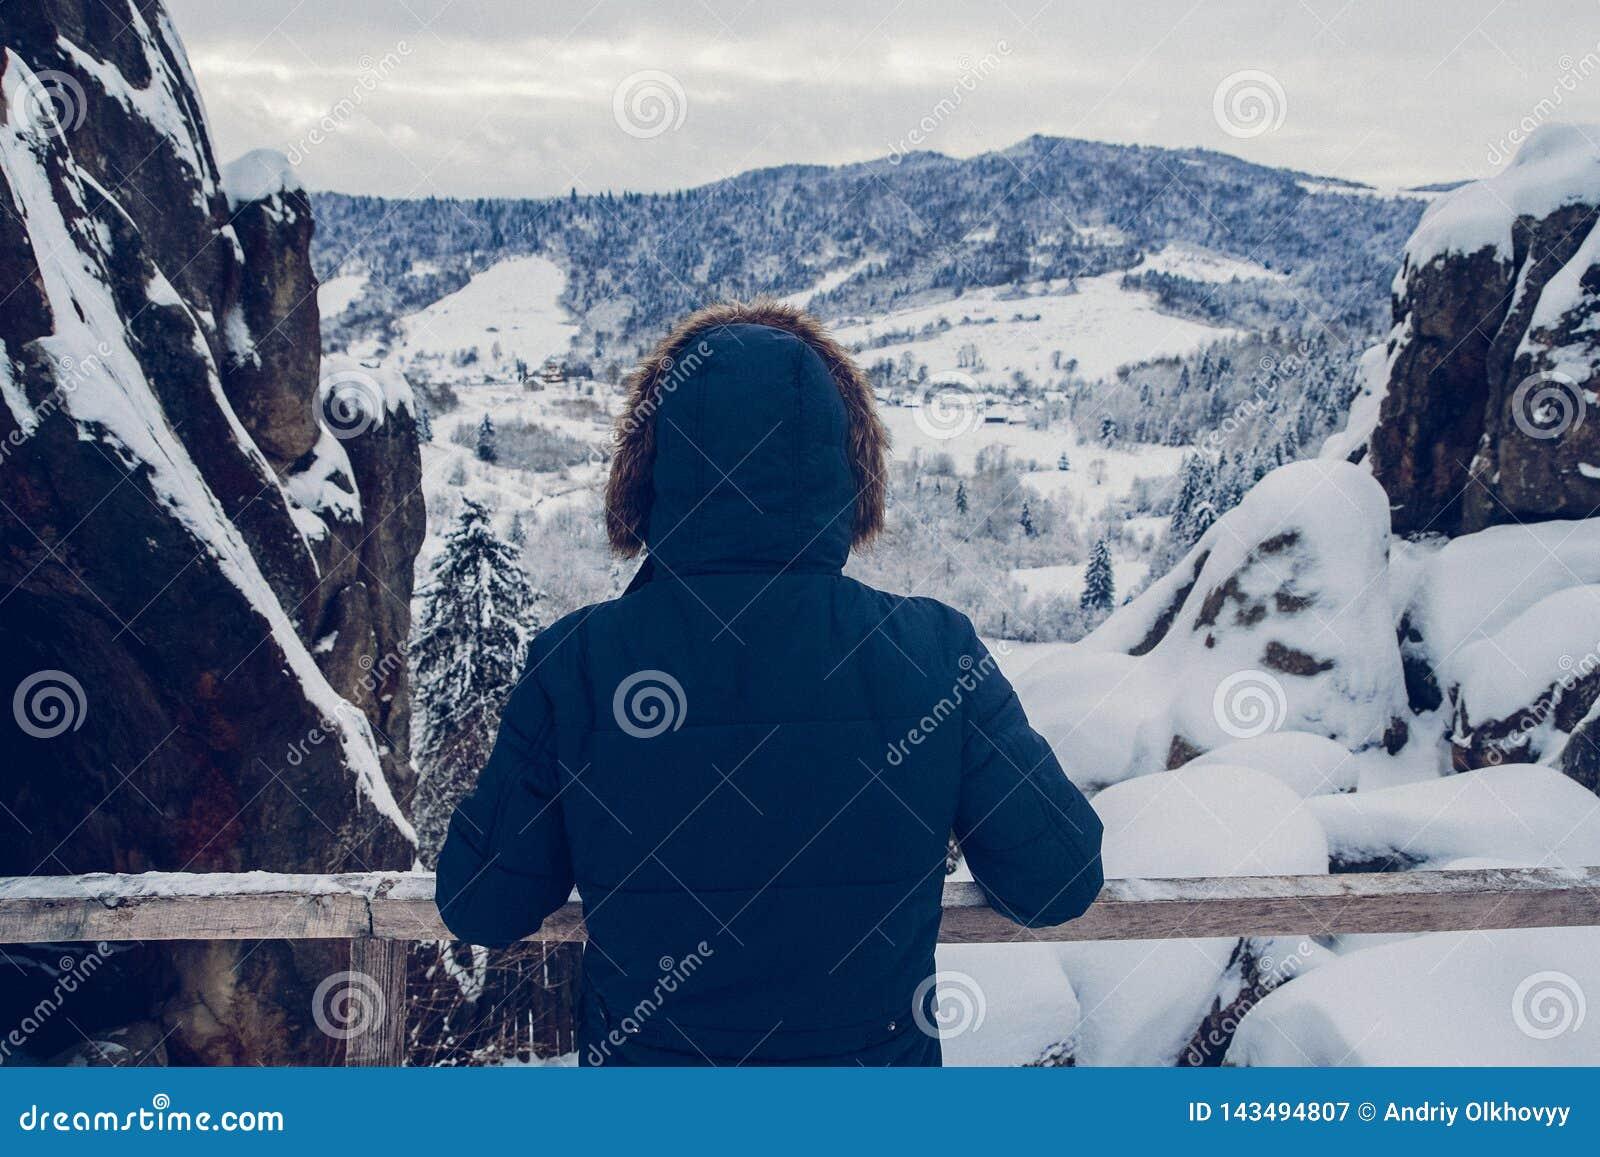 Диаграмма путешественника восходя к саммиту горы на фоне покрытого снег ландшафта, вида сзади